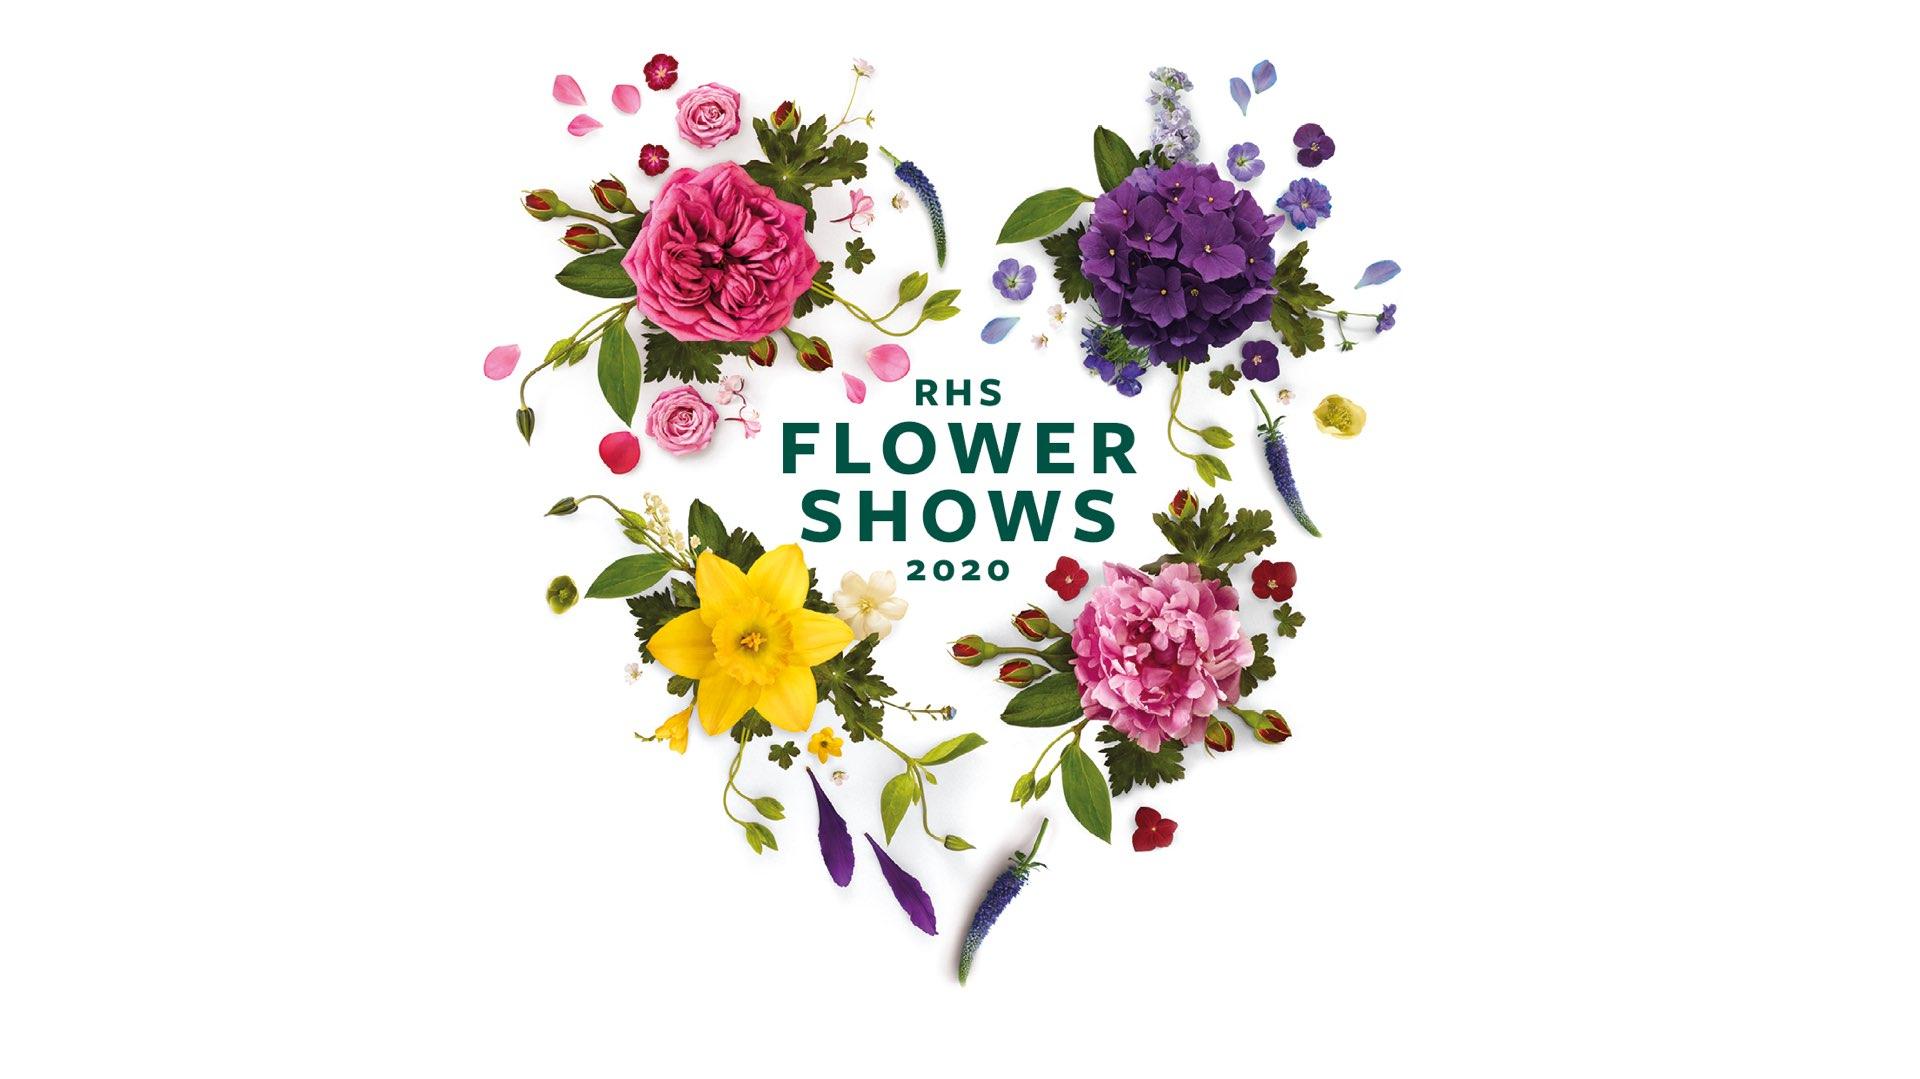 Calendario Chelsea 2020.Find 2020 Gardening Flower Shows Uk Garden Events Days